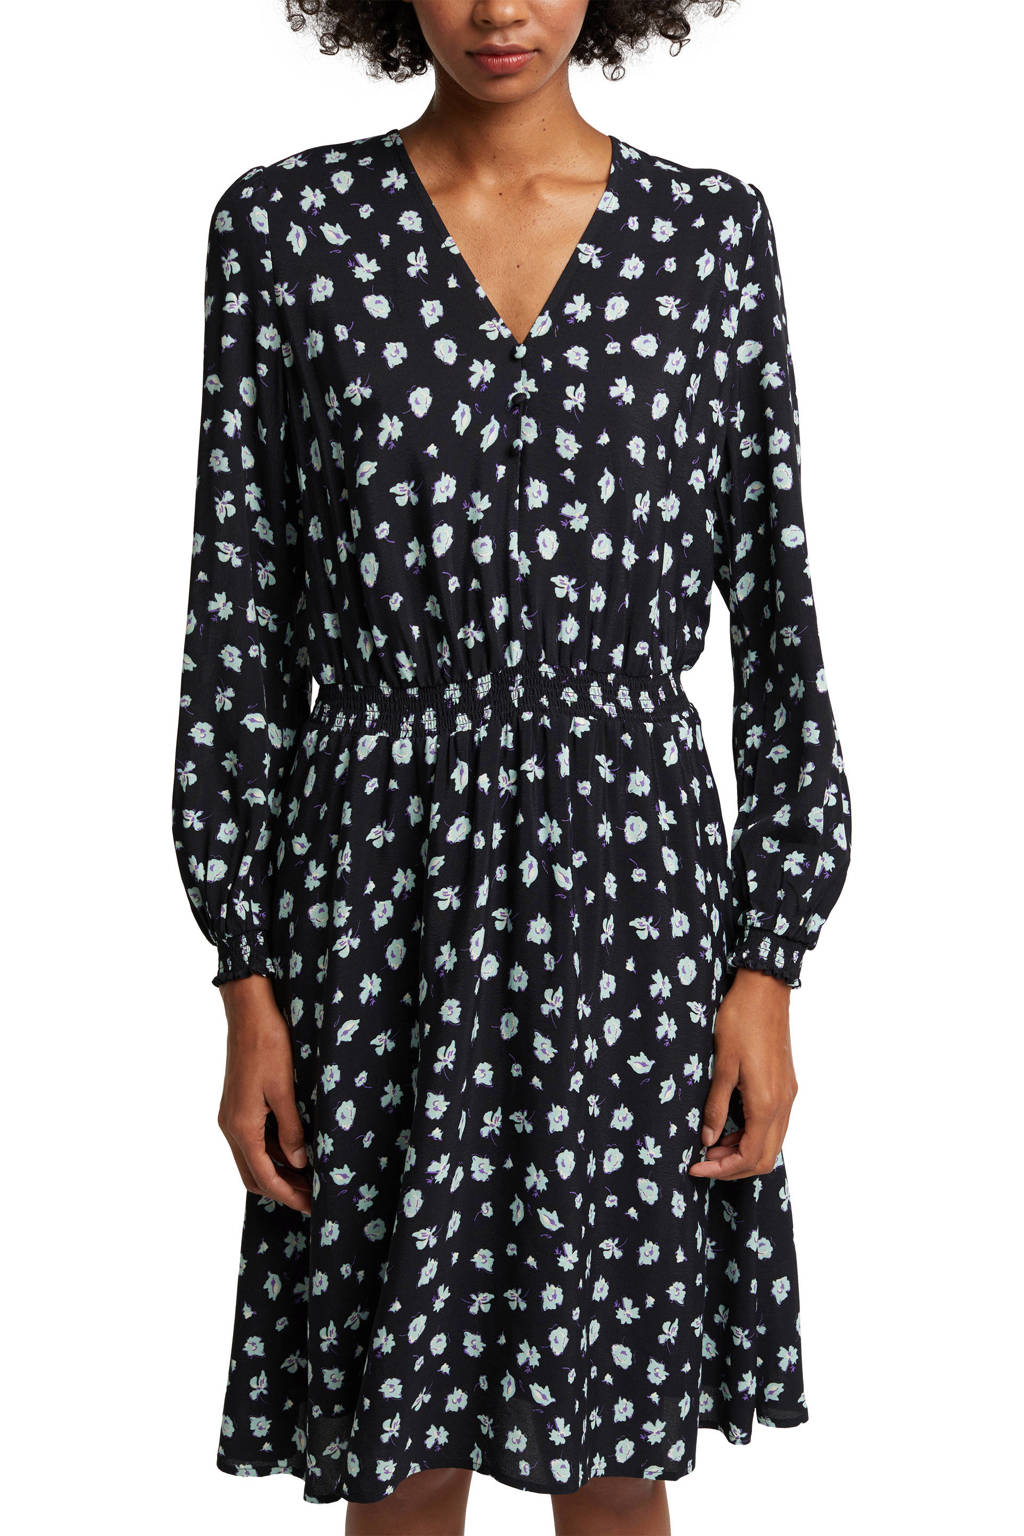 edc Women gebloemde jurk zwart/wit/paars, Zwart/wit/paars